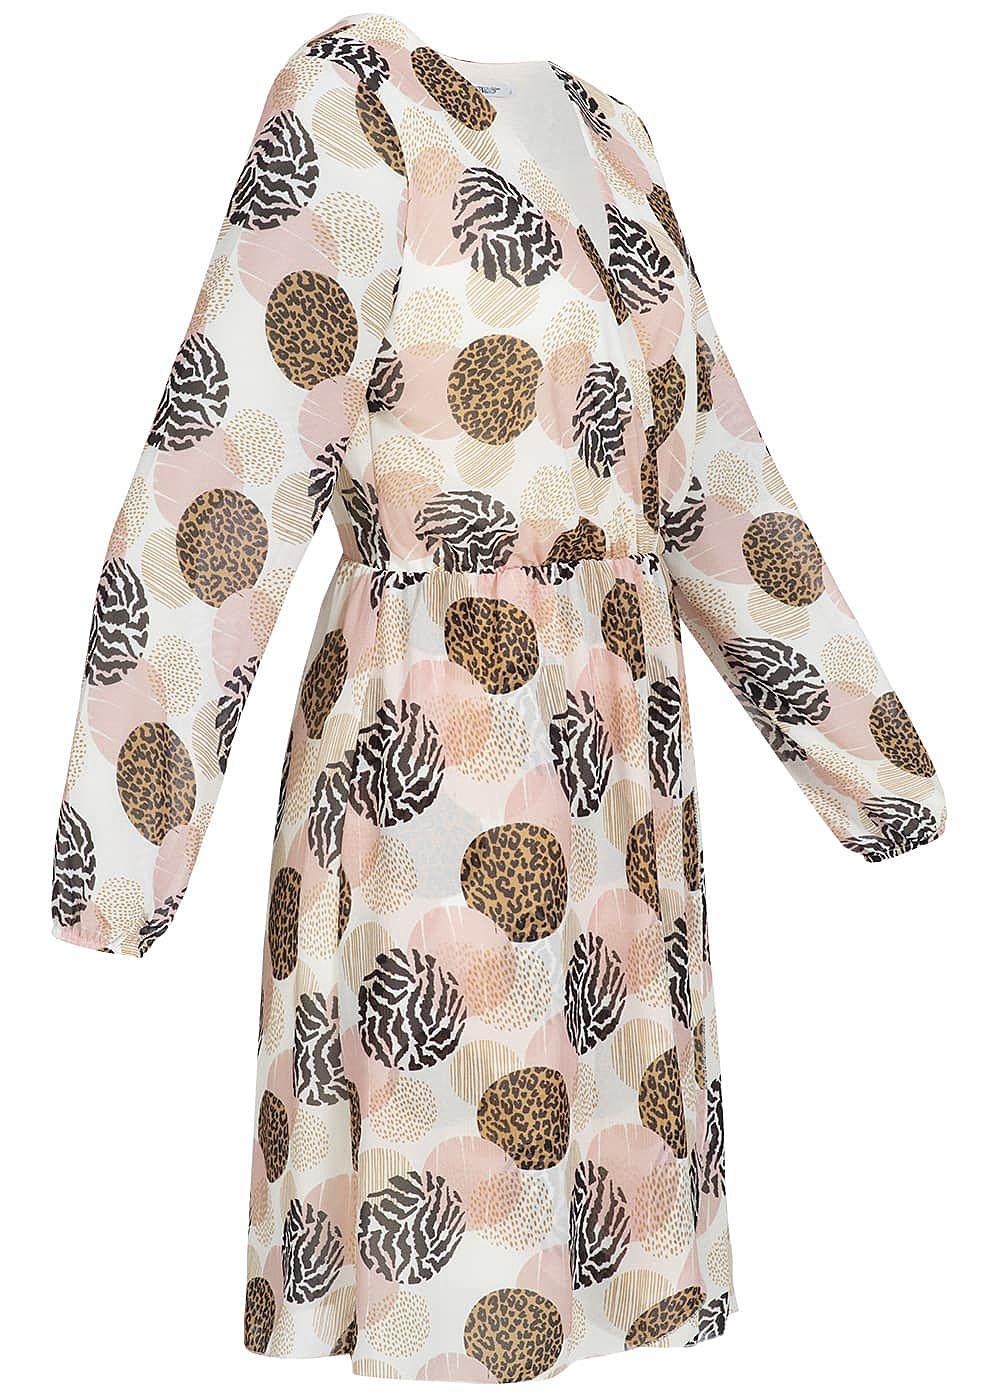 Hailys Damen Kleid Punkte Muster rosa weiss braun schwarz ...